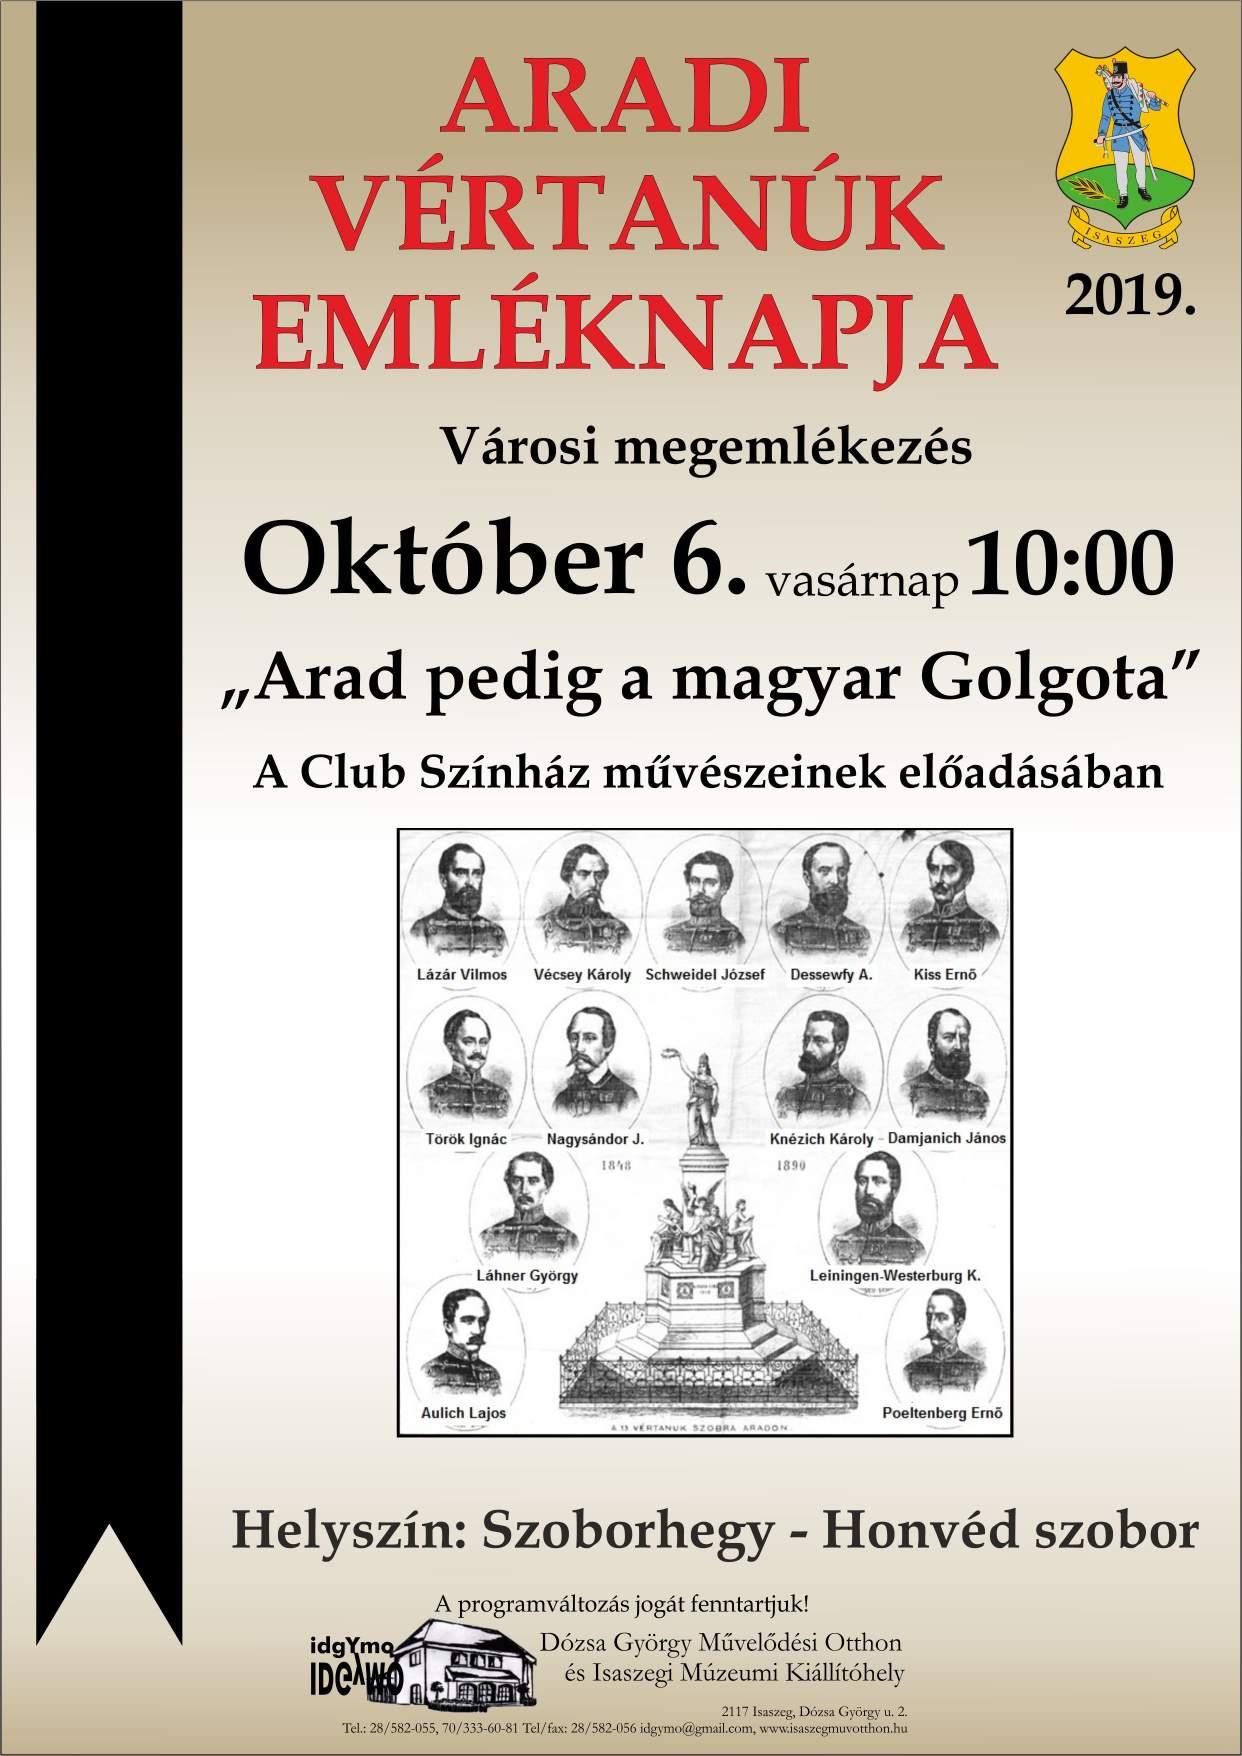 Aradi Vértanúk Emléknapja 2019